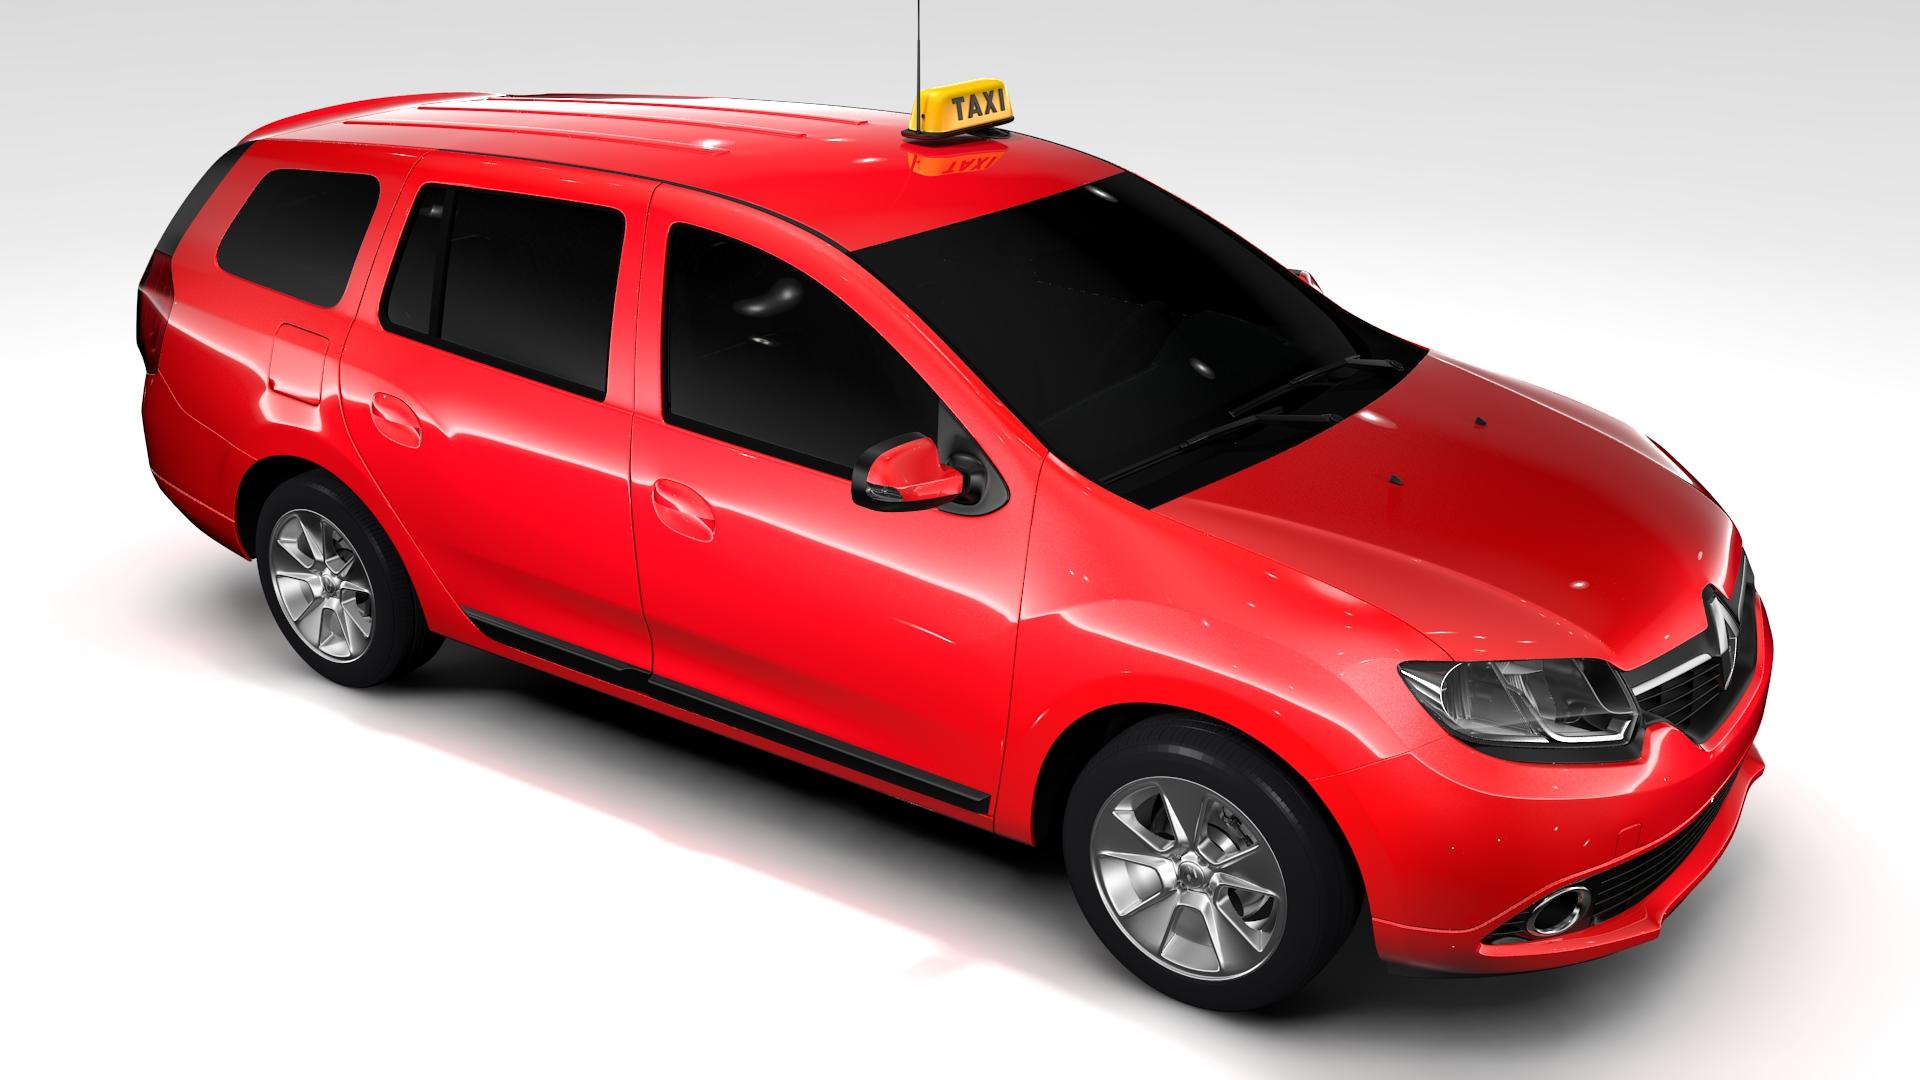 renault logan mcv taxi 2016 3d model 3ds max fbx c4d lwo ma mb hrc xsi obj 221290